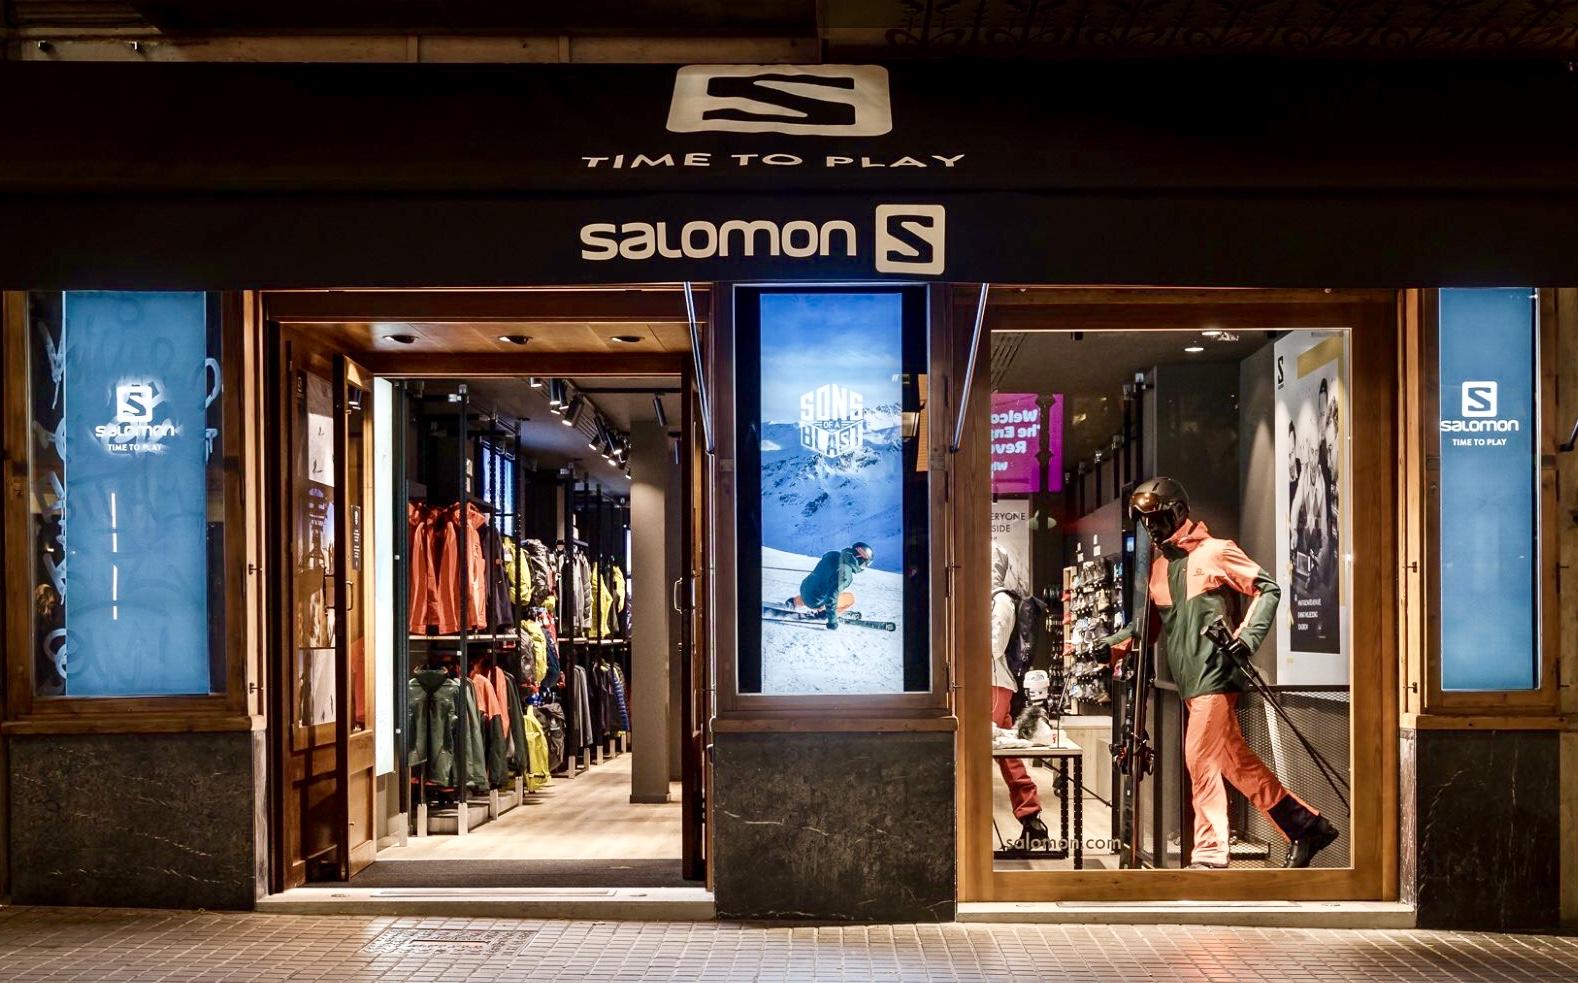 zapatillas salomon argentina precios barcelona